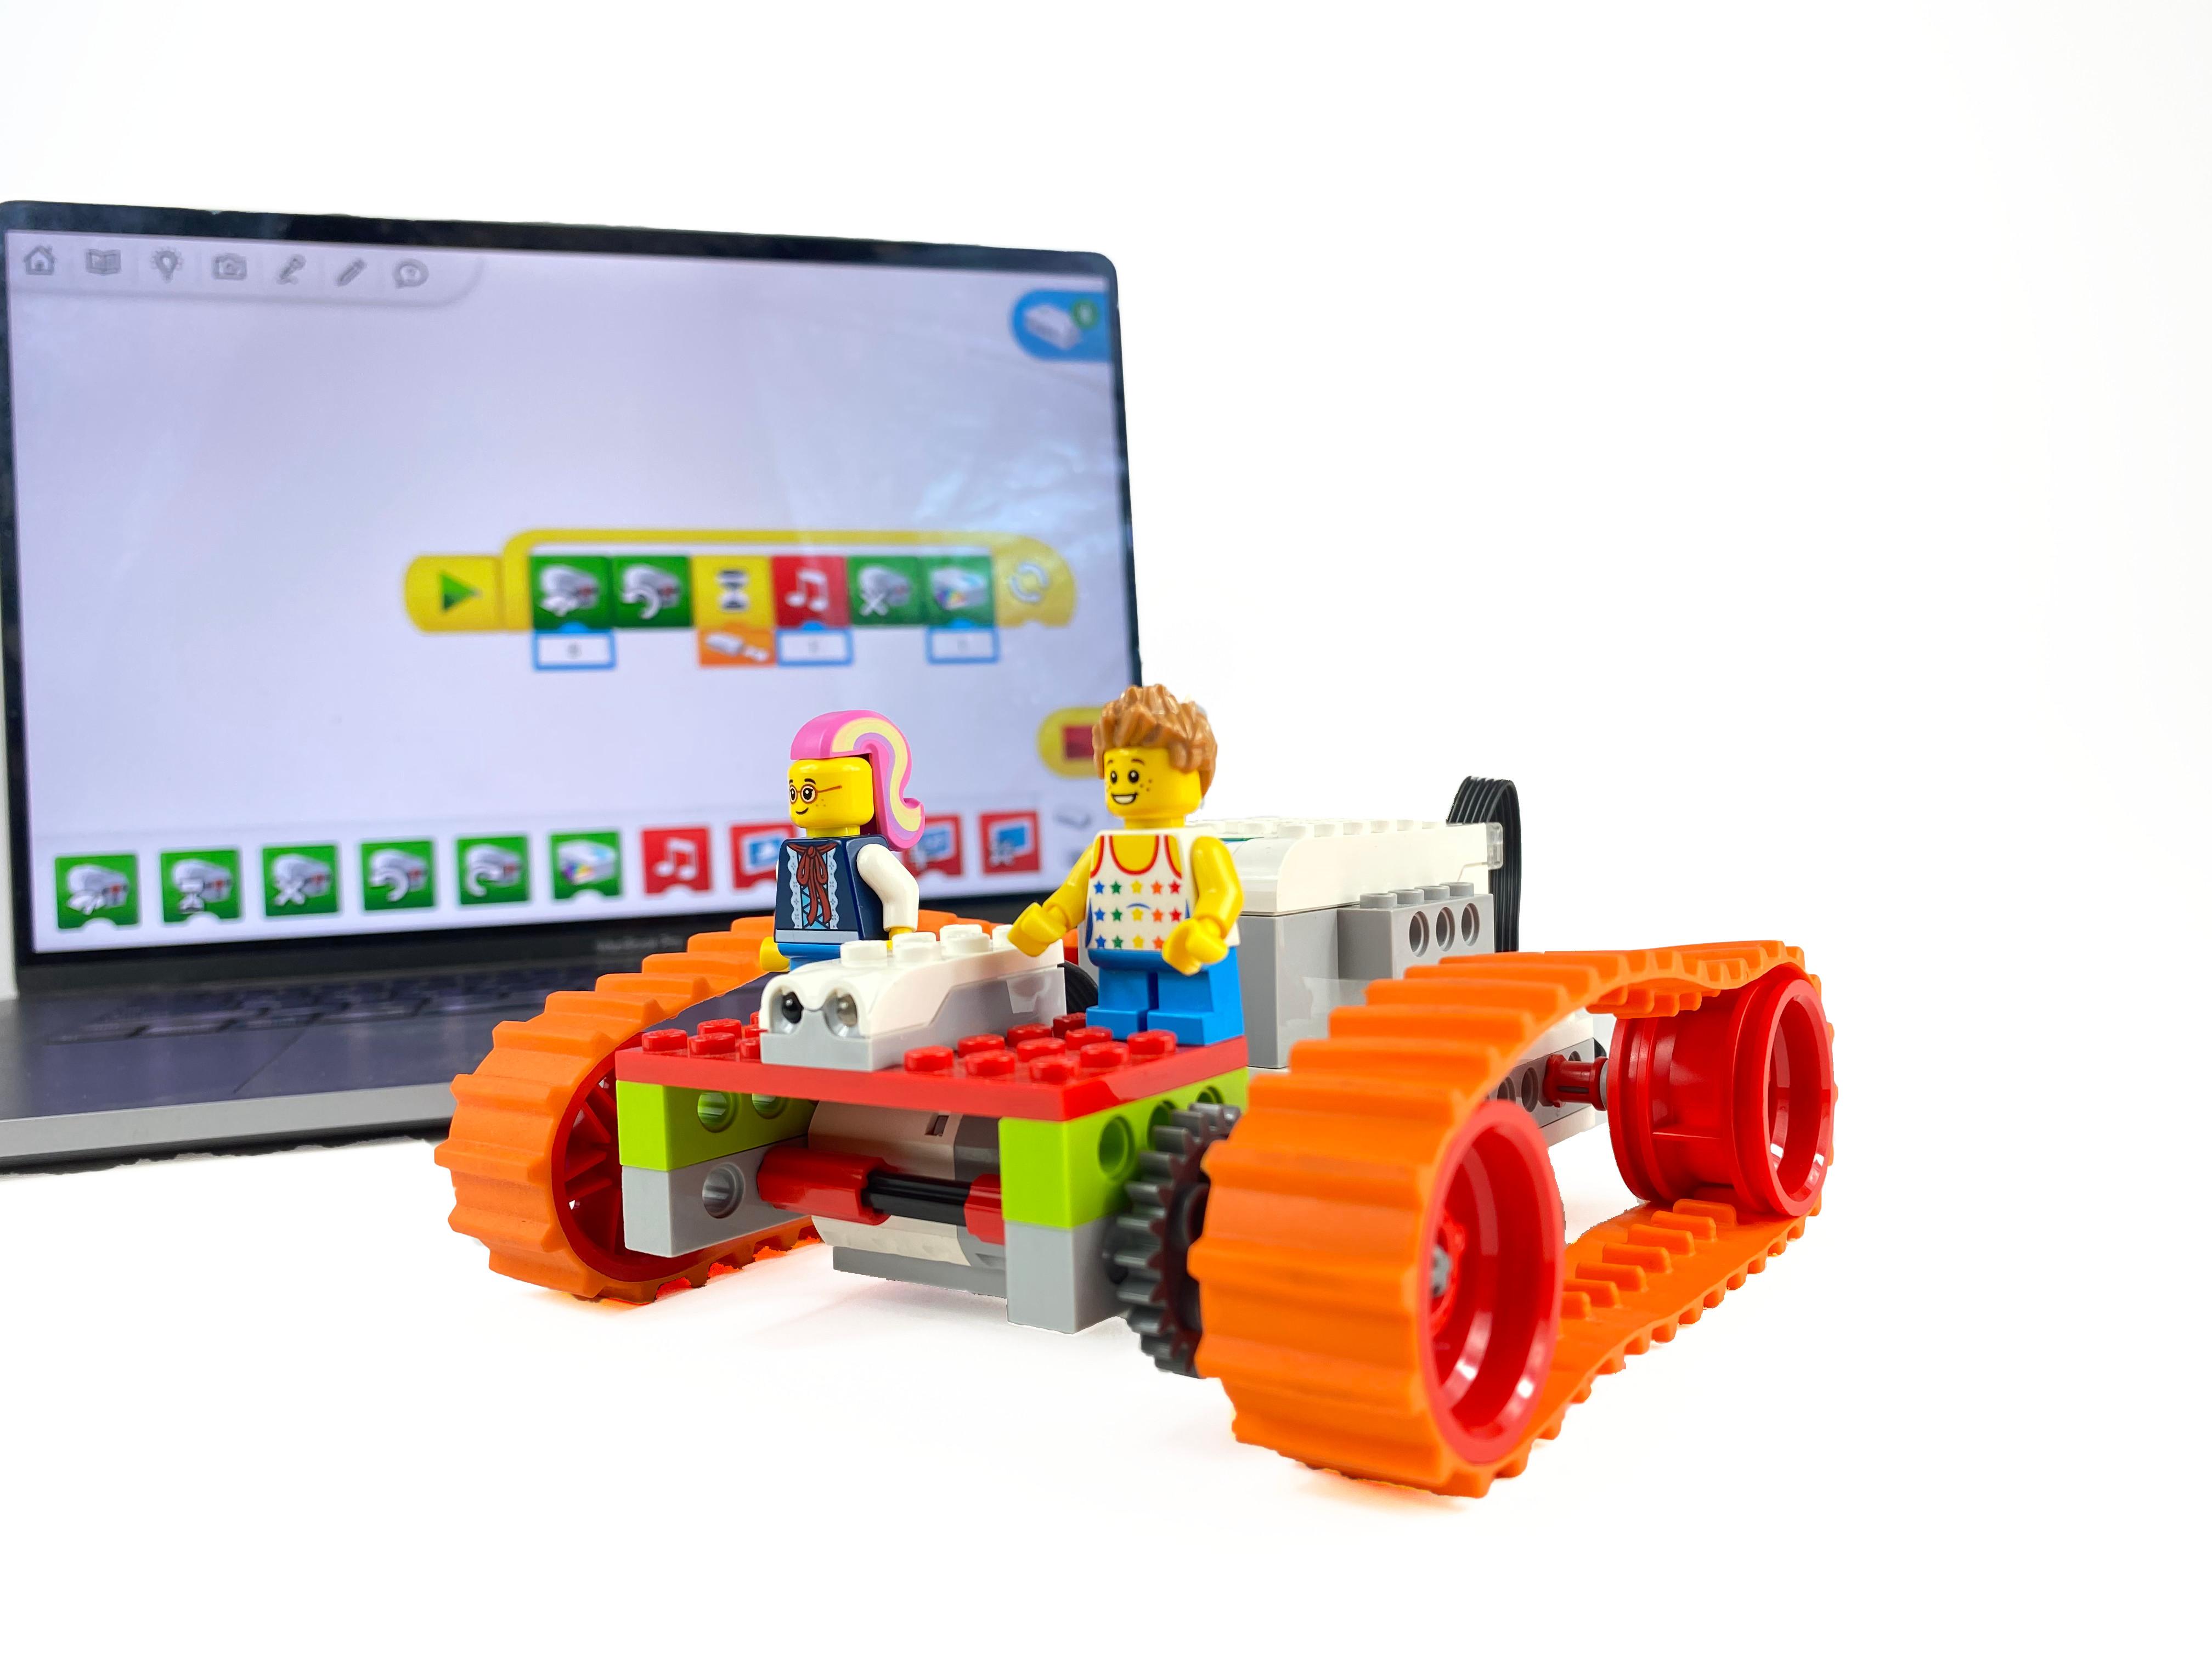 Lego Robotics Ages: 5 - 7